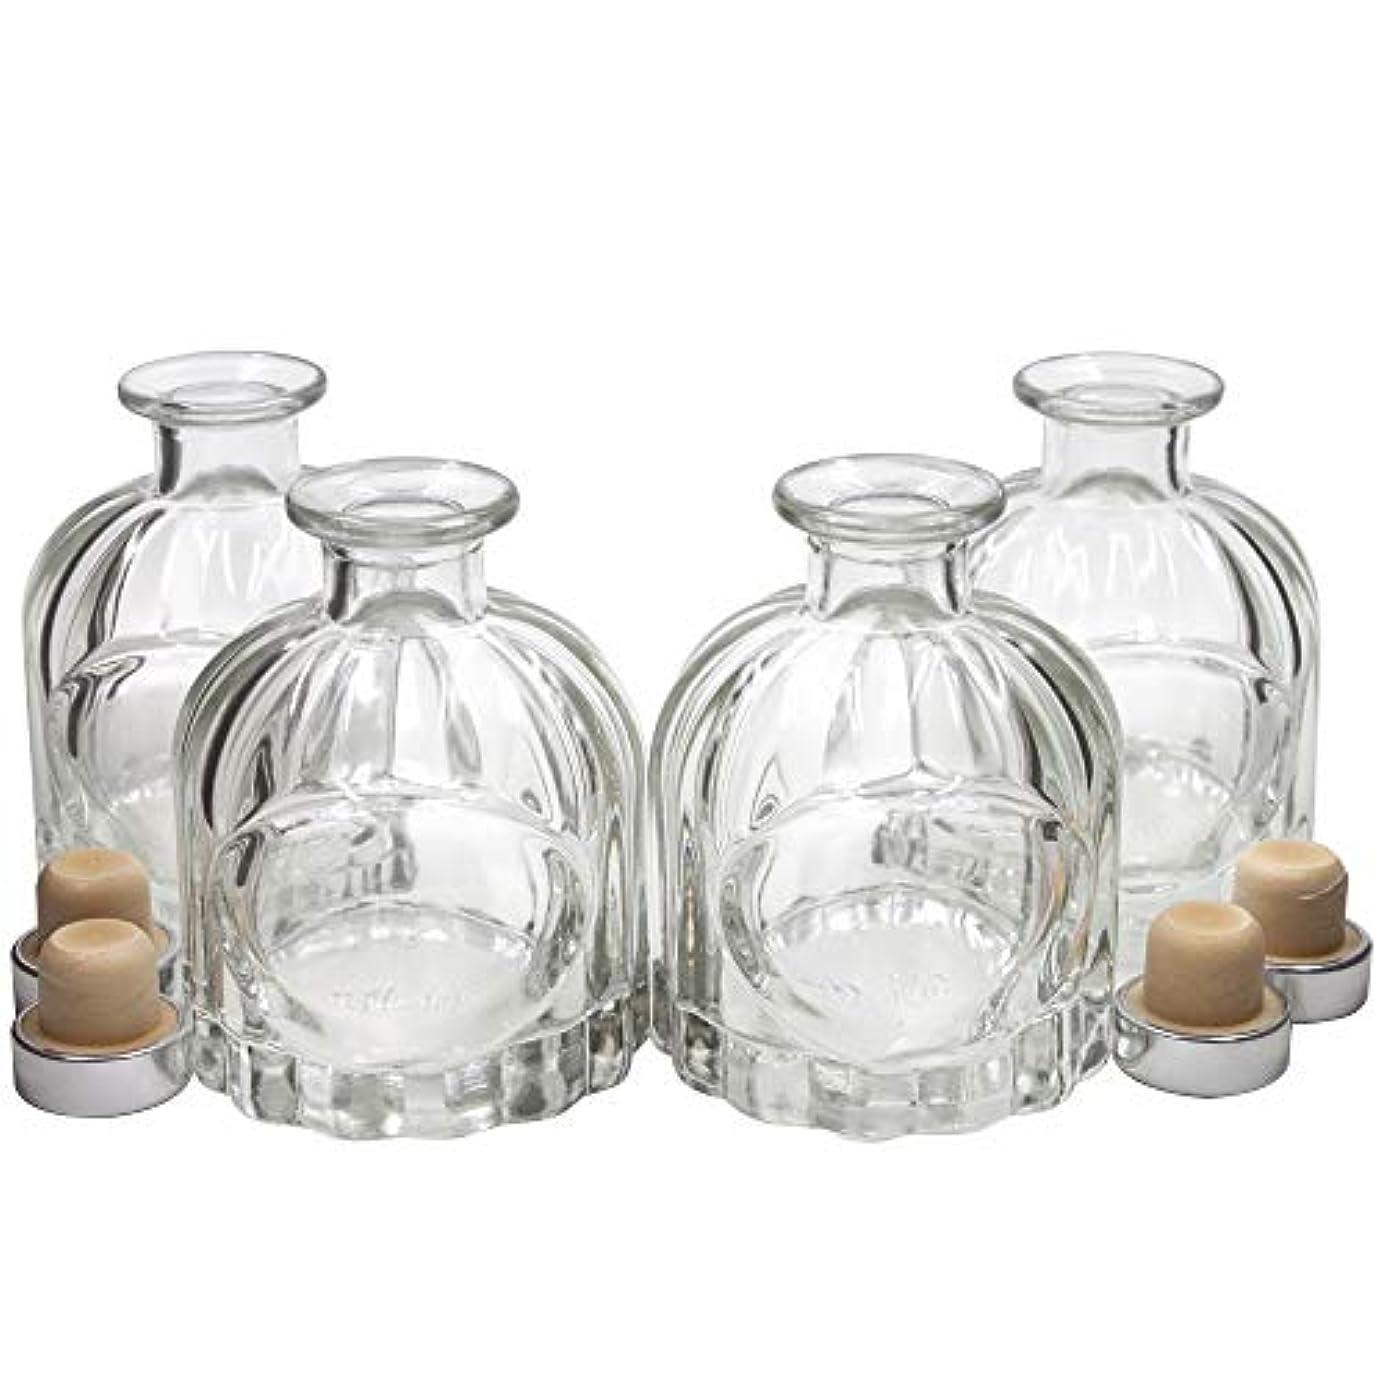 考える懇願するギャザーFrandy House リードディフューザー用 ガラスボトル 瓶 100ML カポチャ